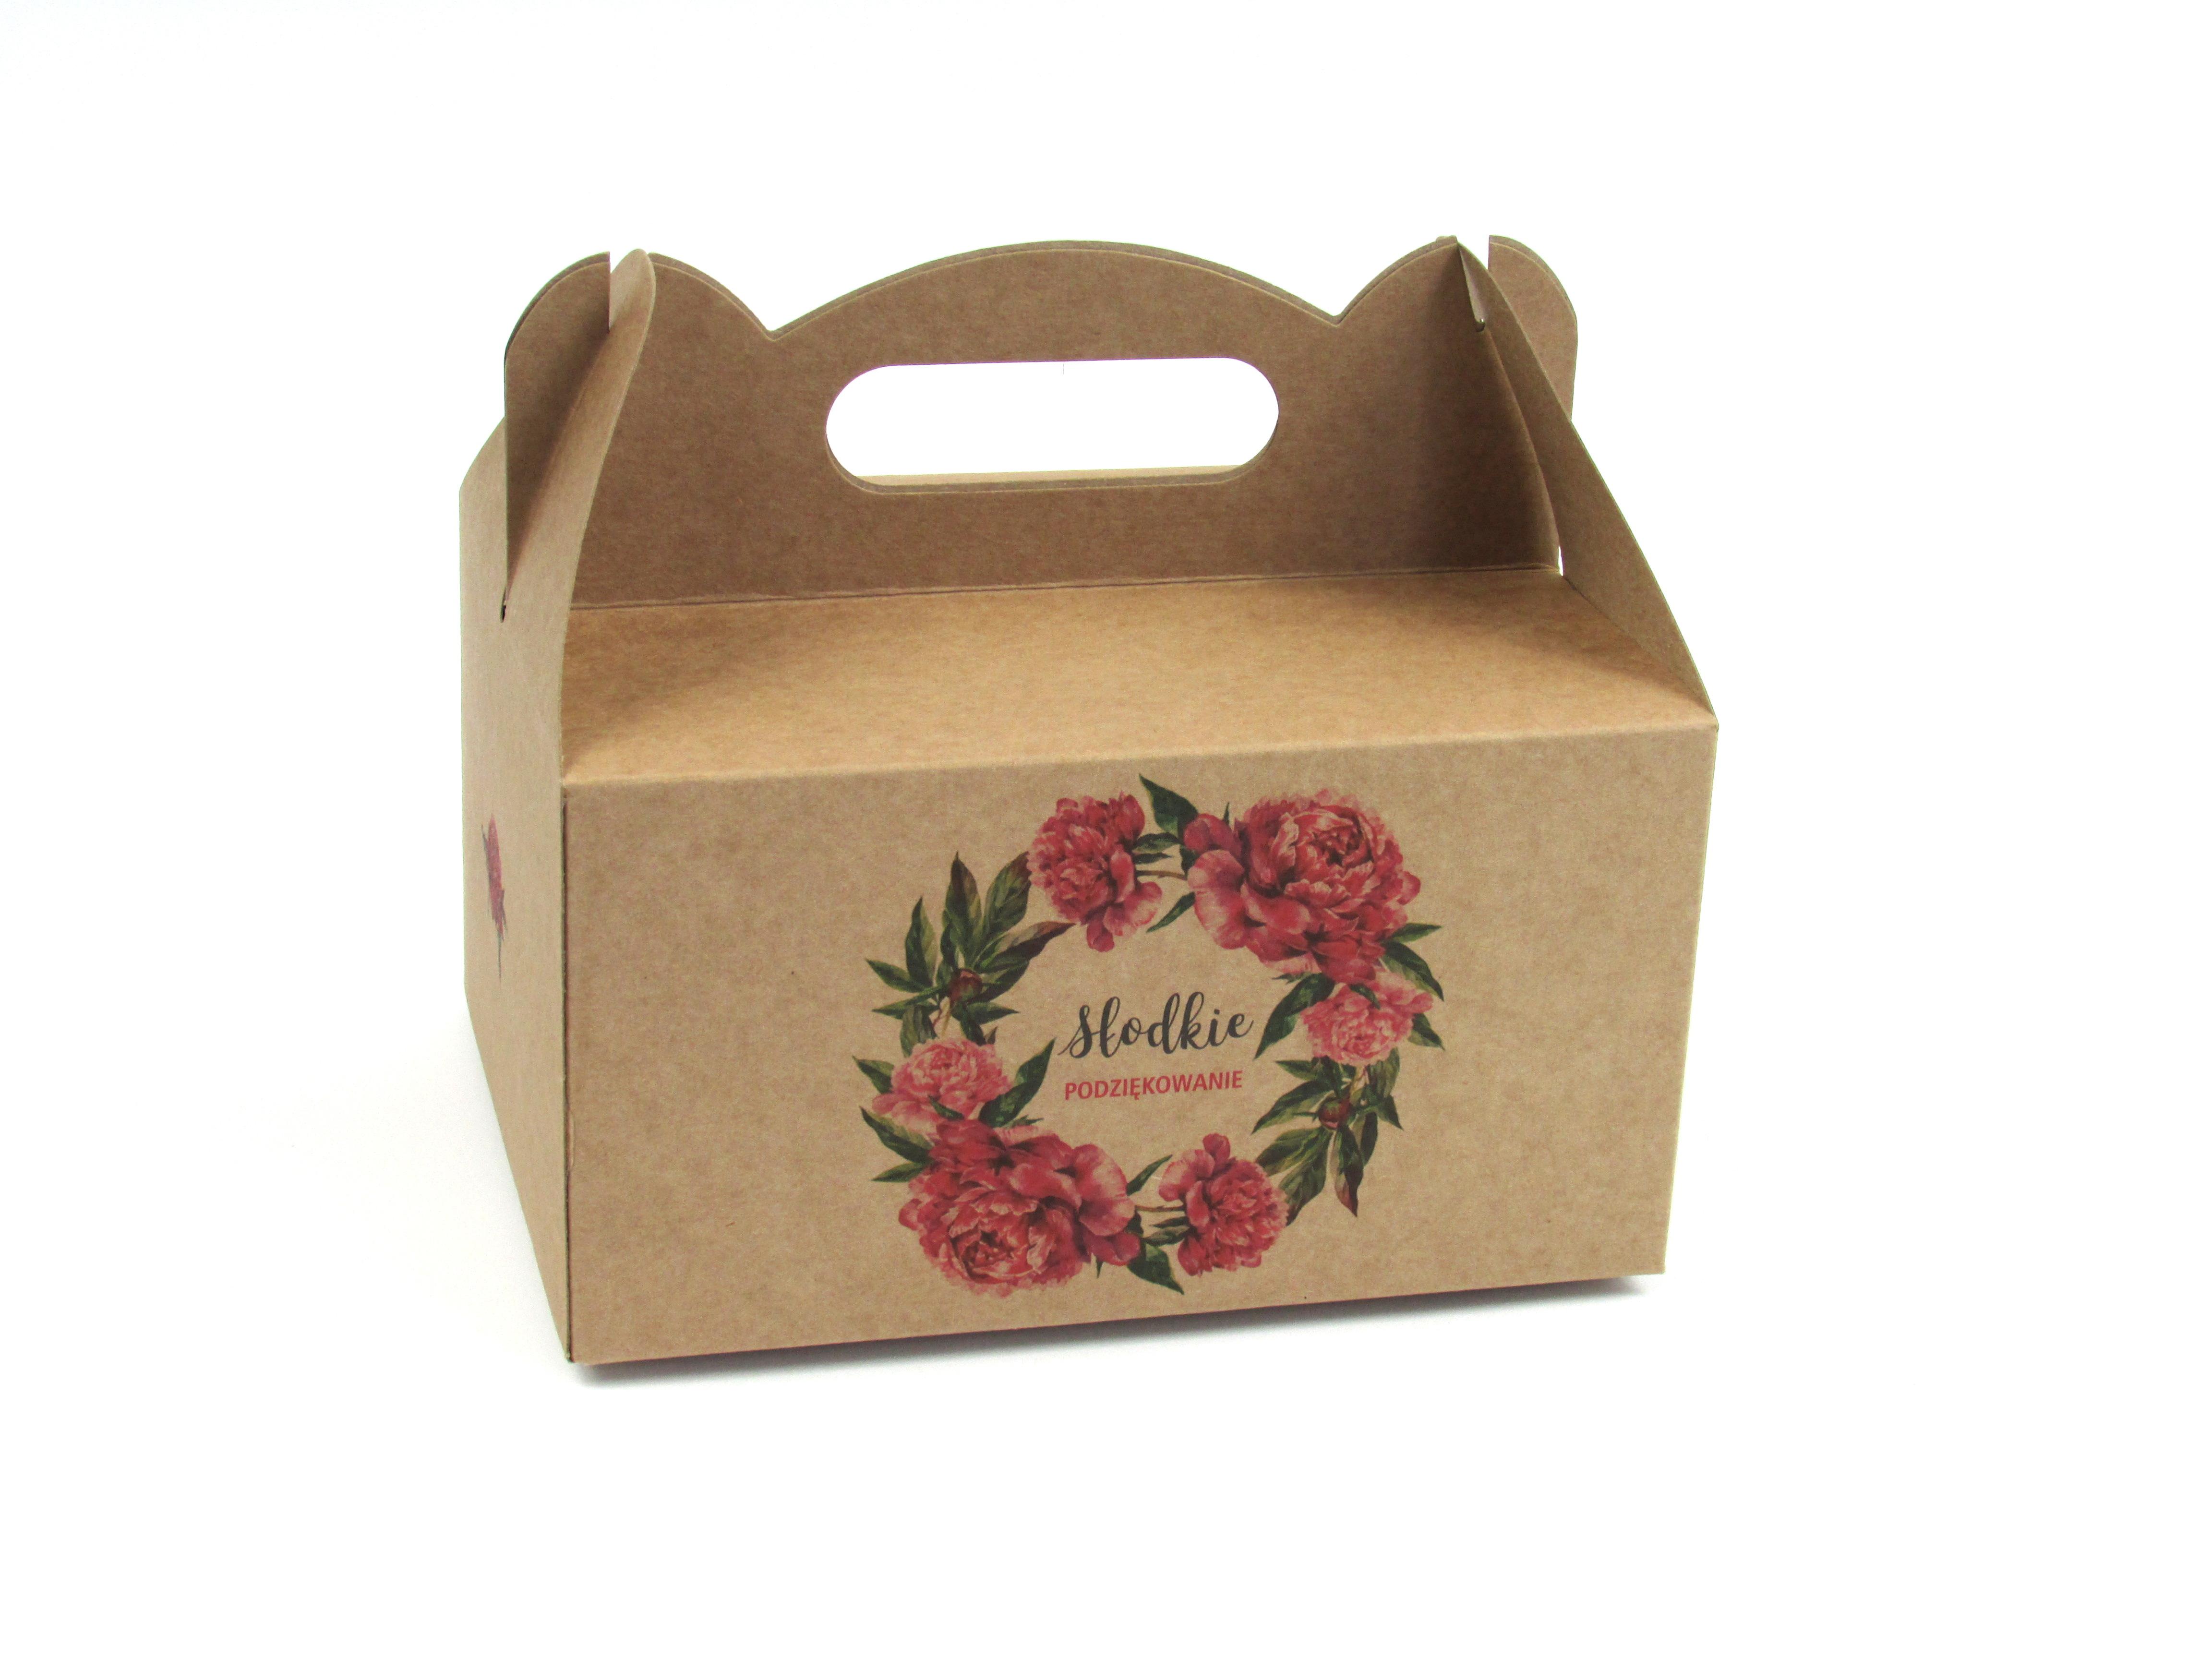 Pudełko na ciasto/szyszkę z rączką kraft (brązowe) 14x17x9 cm 1 szt.